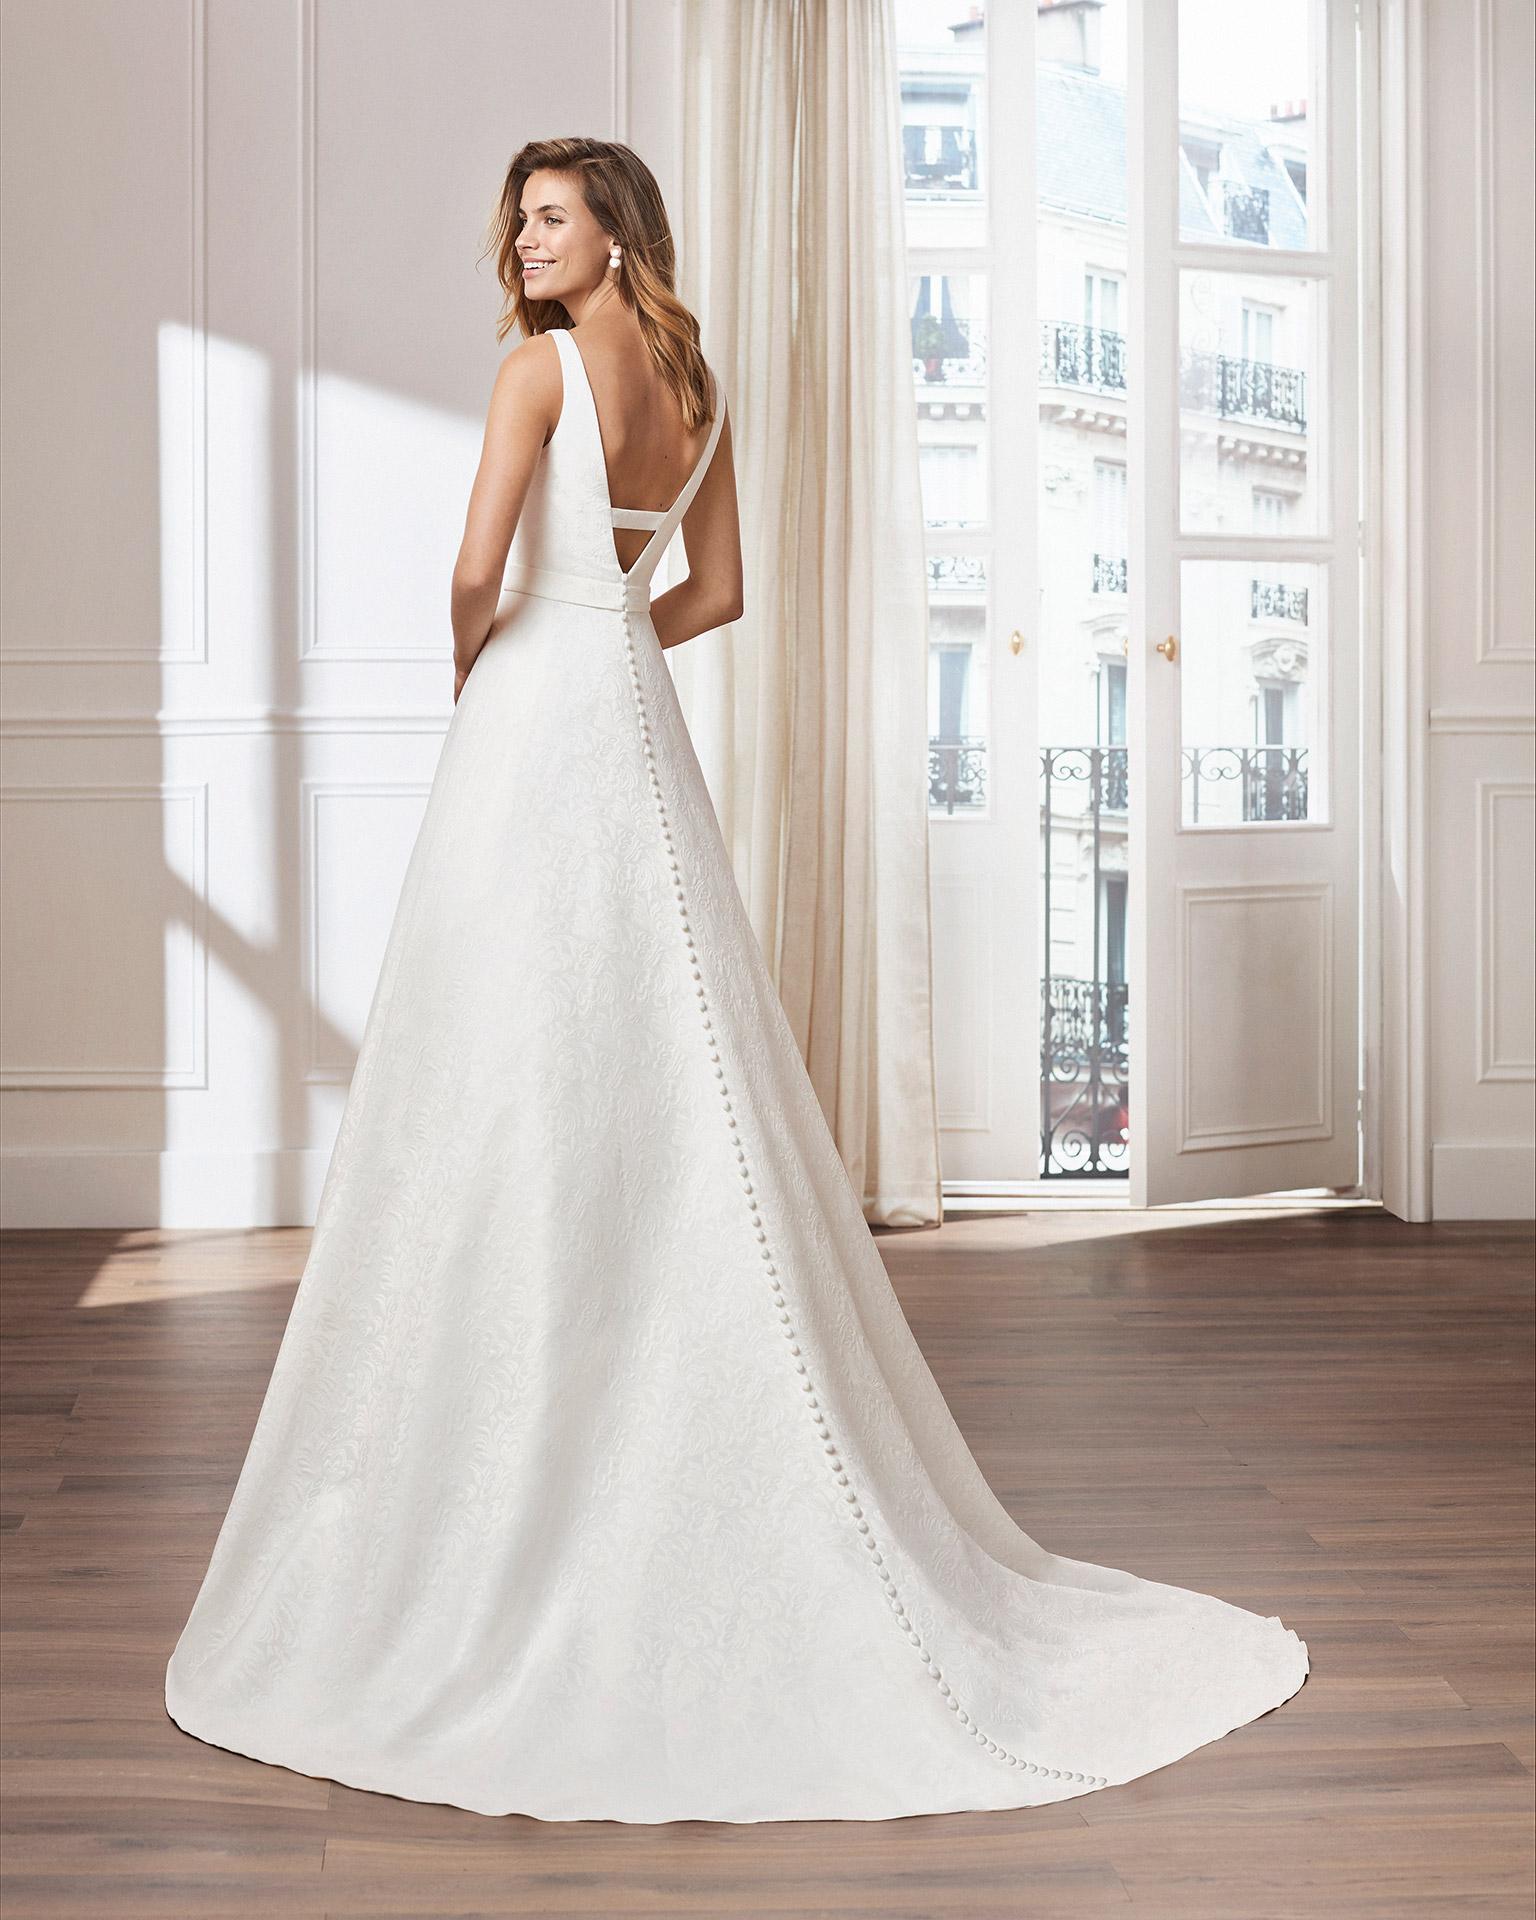 Vestido de novia estilo clásico línea A en brocado. Escote en V en cuerpo y en espalda. Disponible en color natural. Colección  2020.